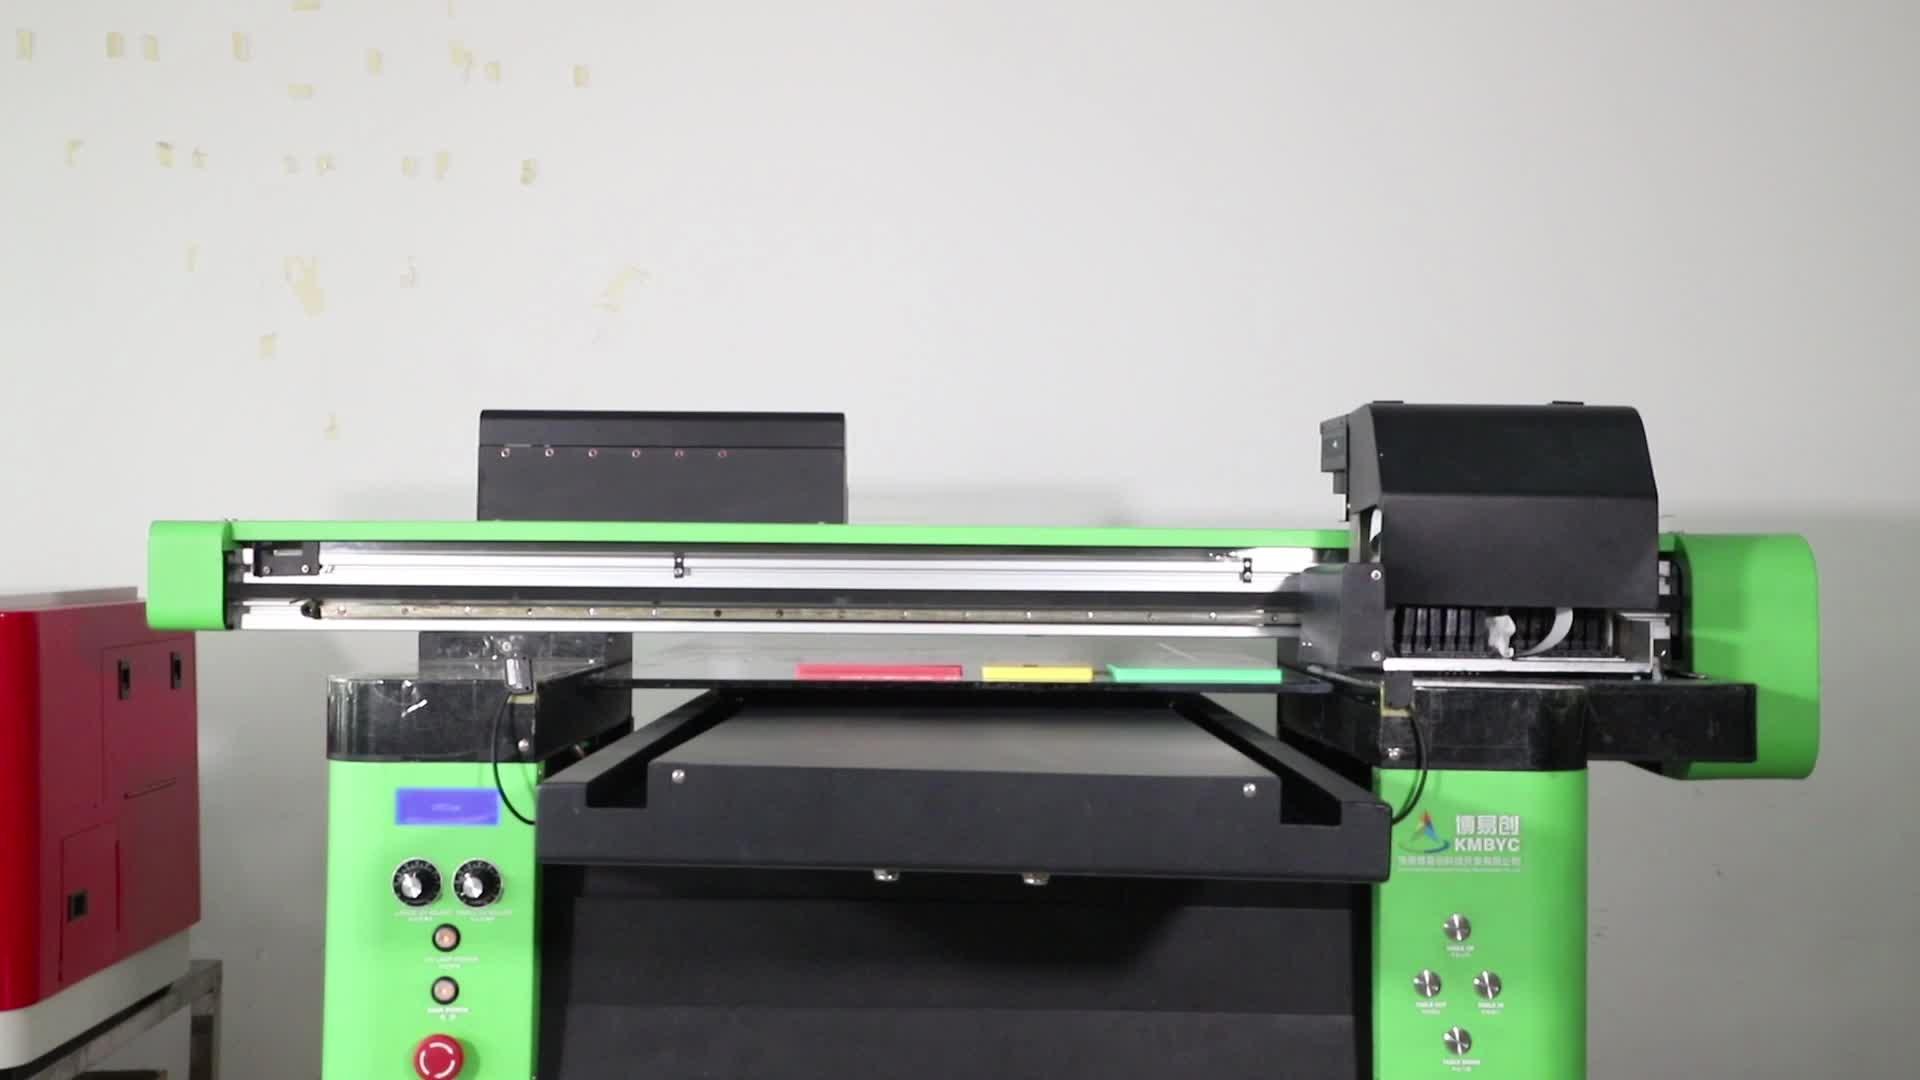 Üretici fotoğraf kitabı BASKI MAKİNESİ A2 dijital Flatbed Uv yazıcı için cam ile büyük fiyat